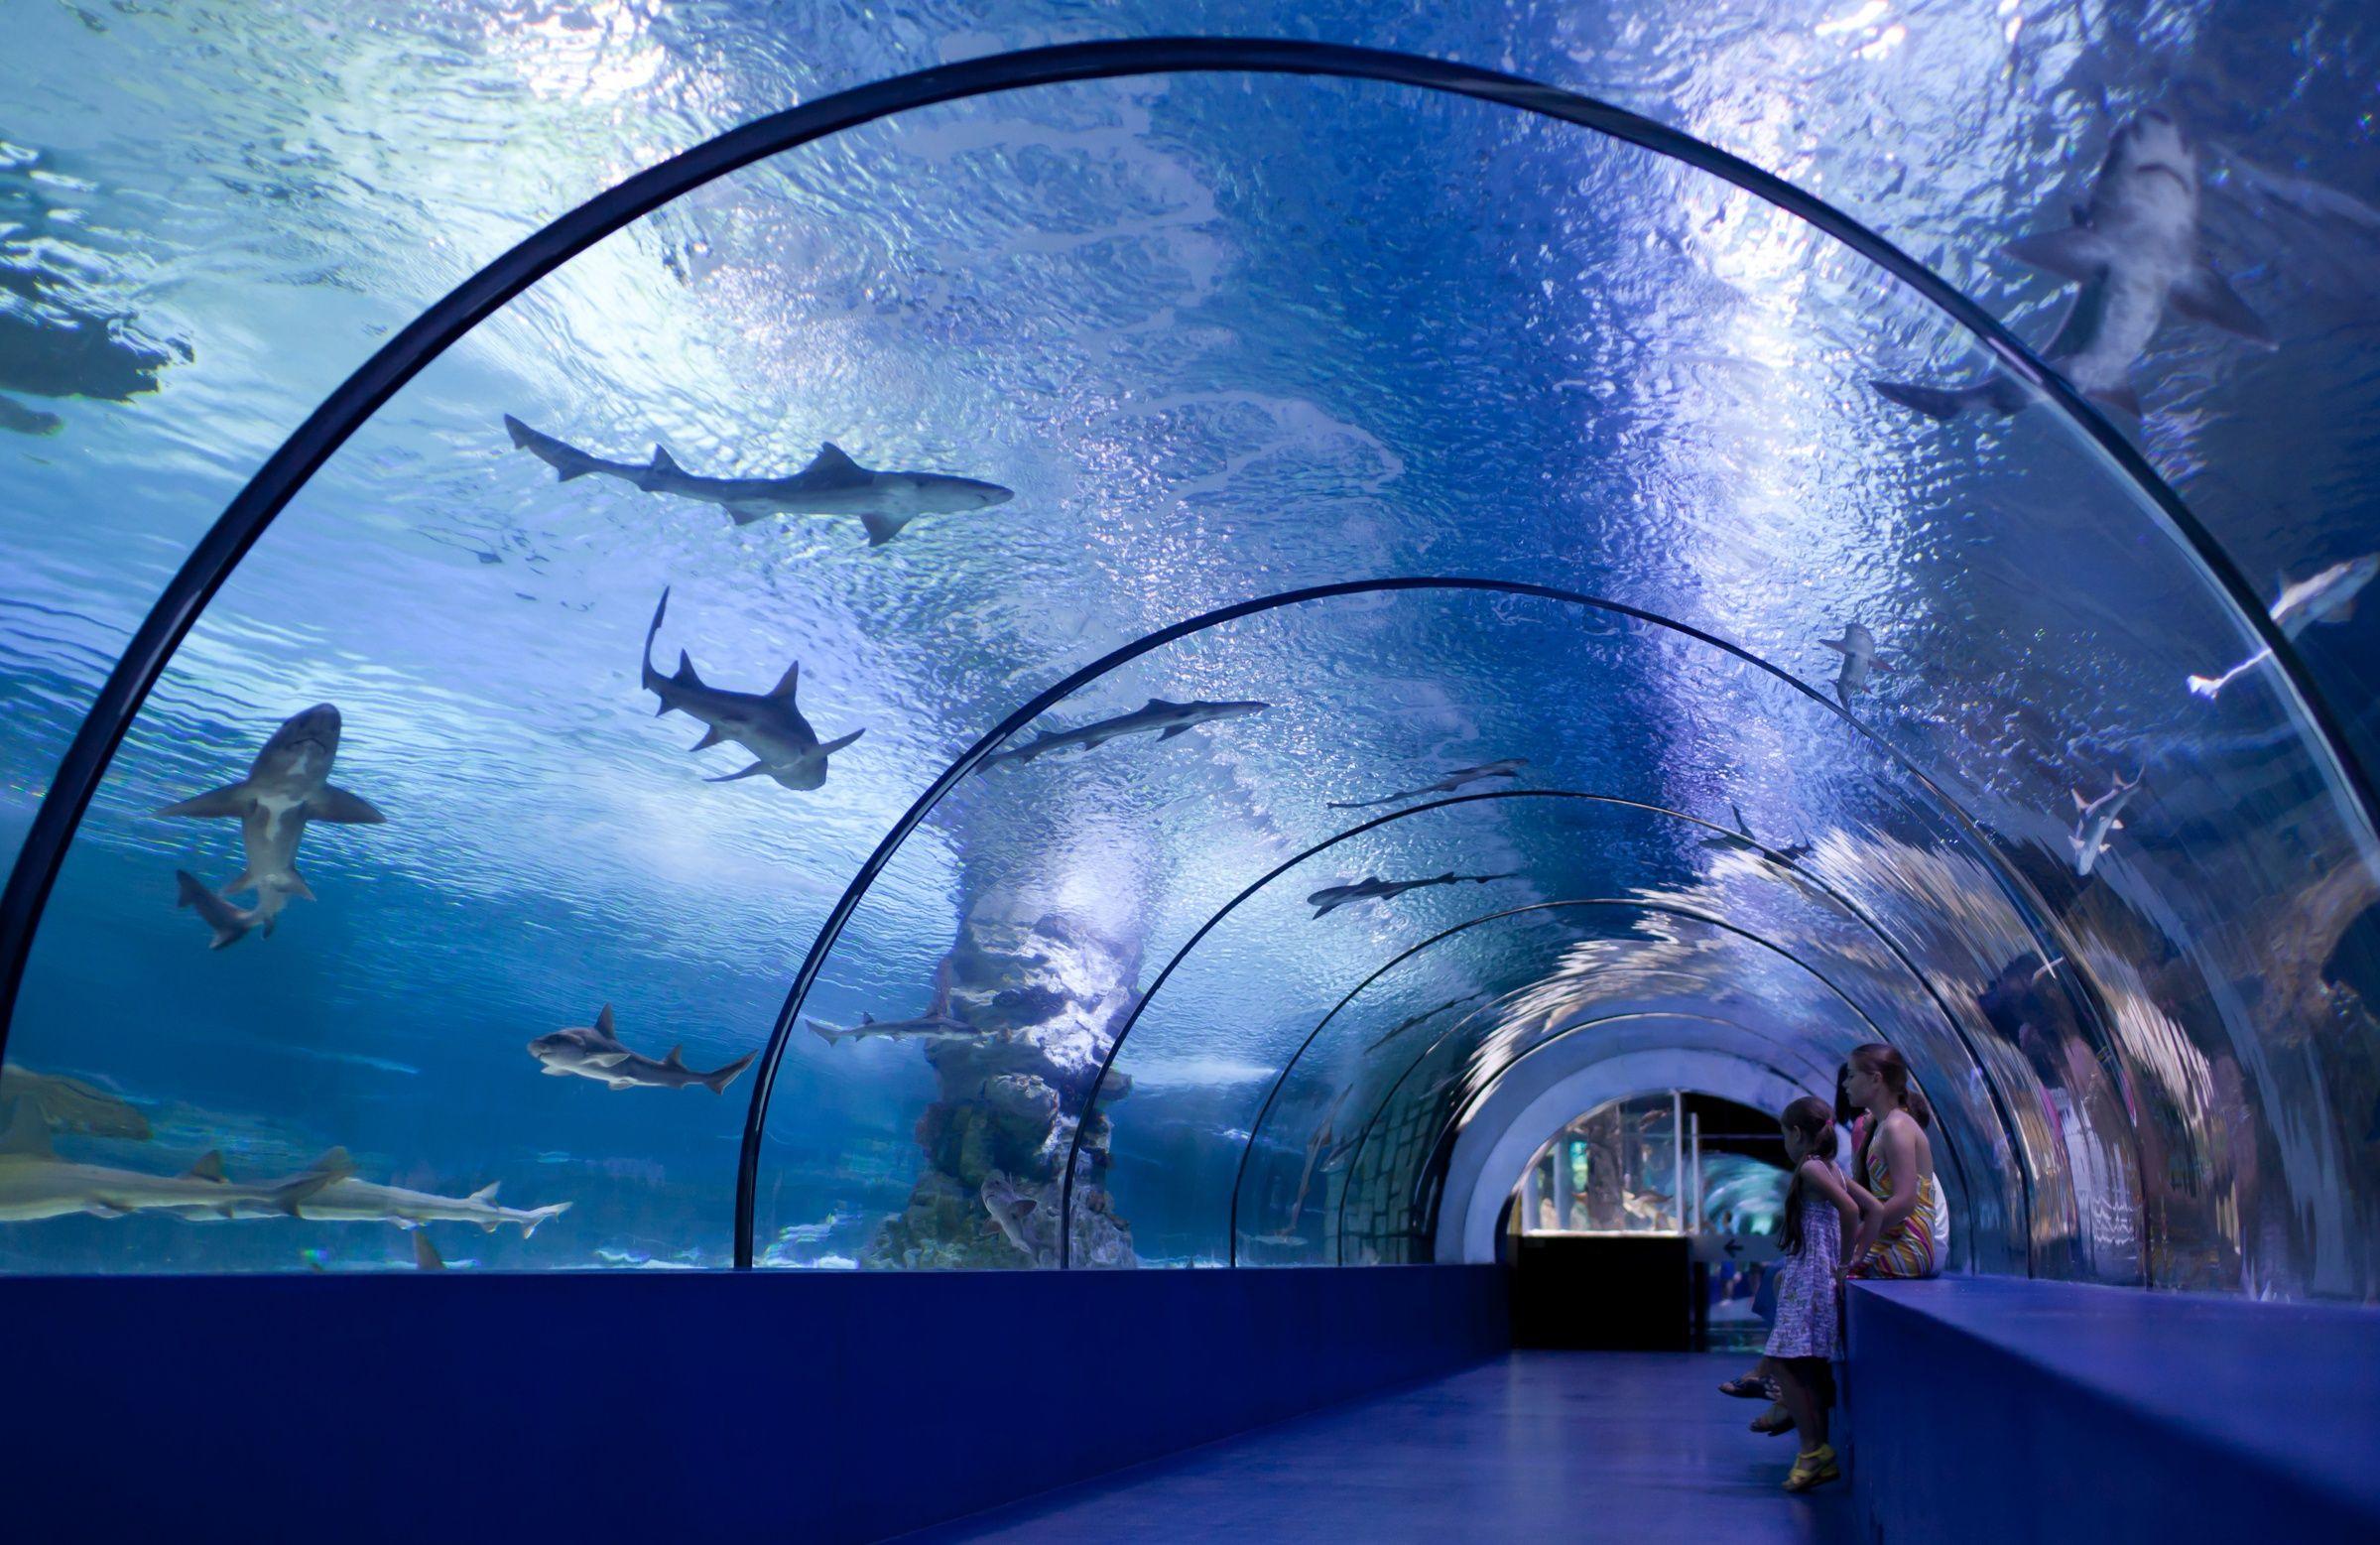 The Osaka Aquarium Kaiyukan is an aquarium located in the ward of ...